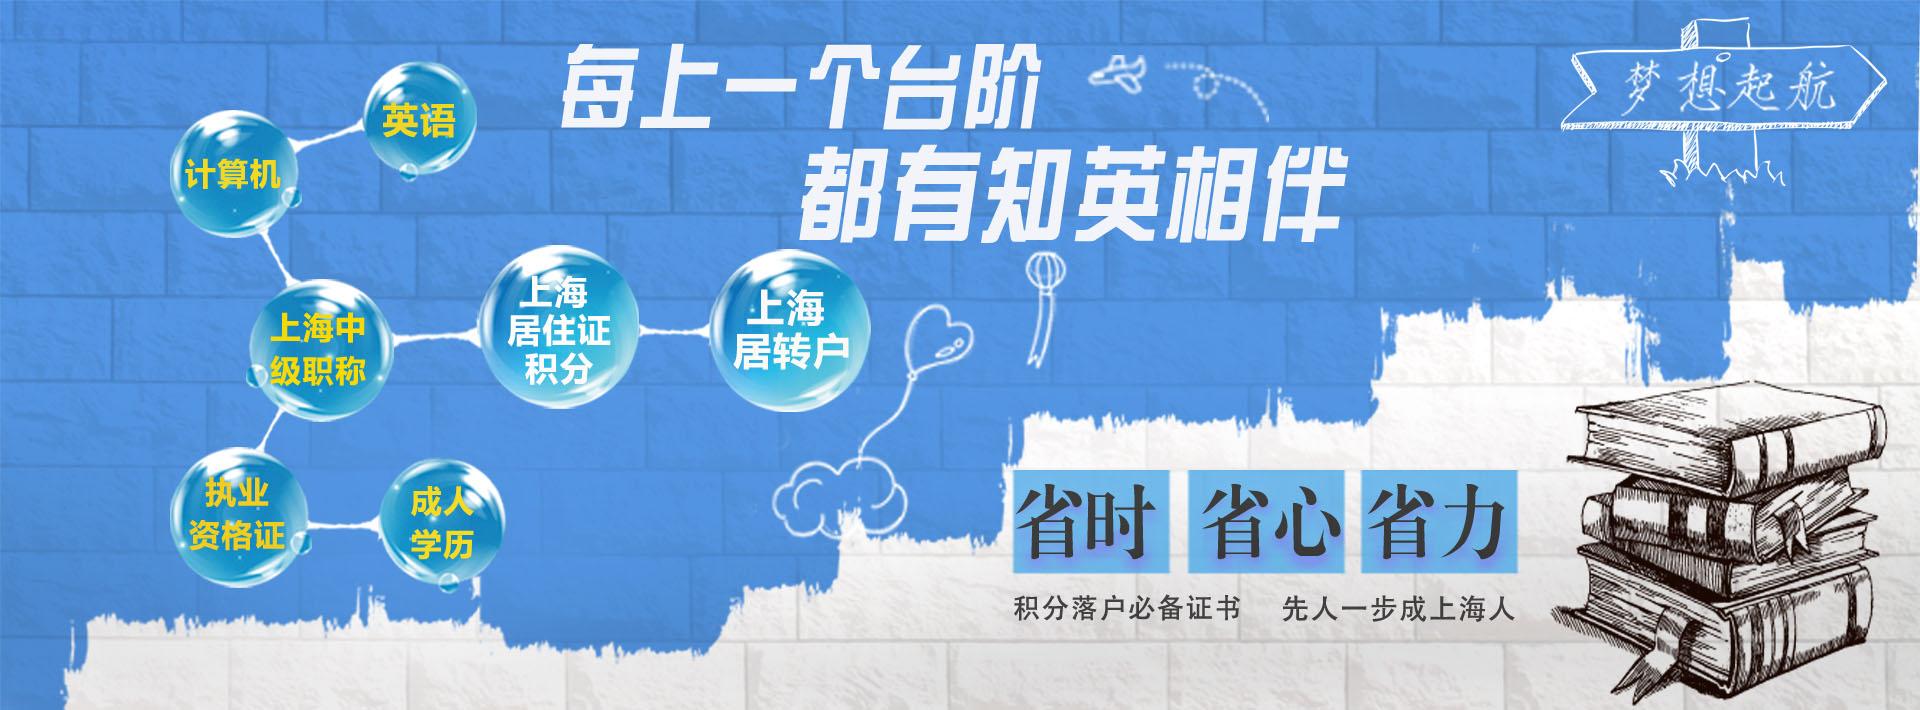 知英培训 上海专升本 上海成人教育零压力 有保障